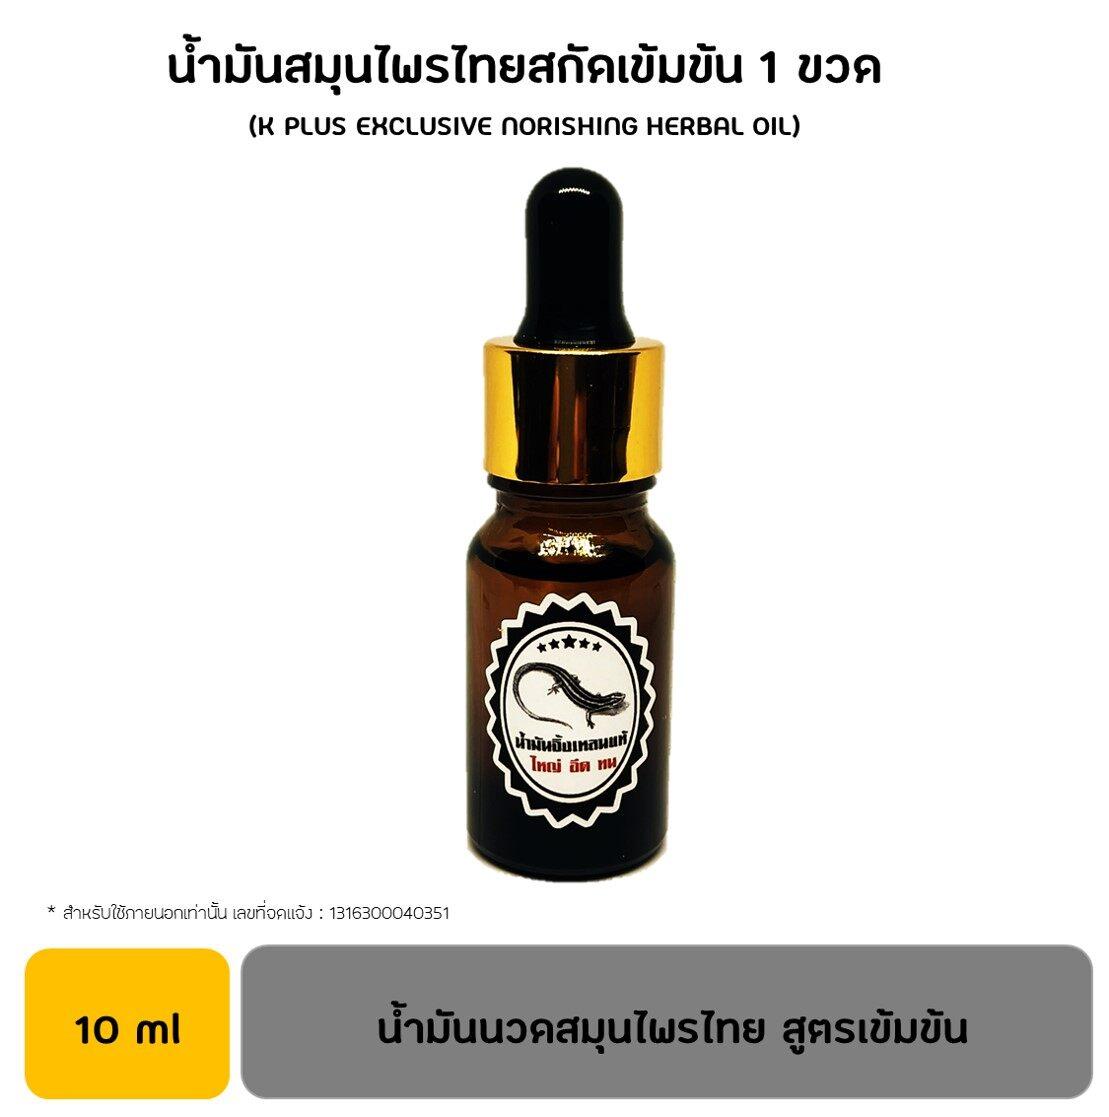 น้ำมันสมุนไพรไทยสกัดเข้มข้น จำนวน 1 ขวด.